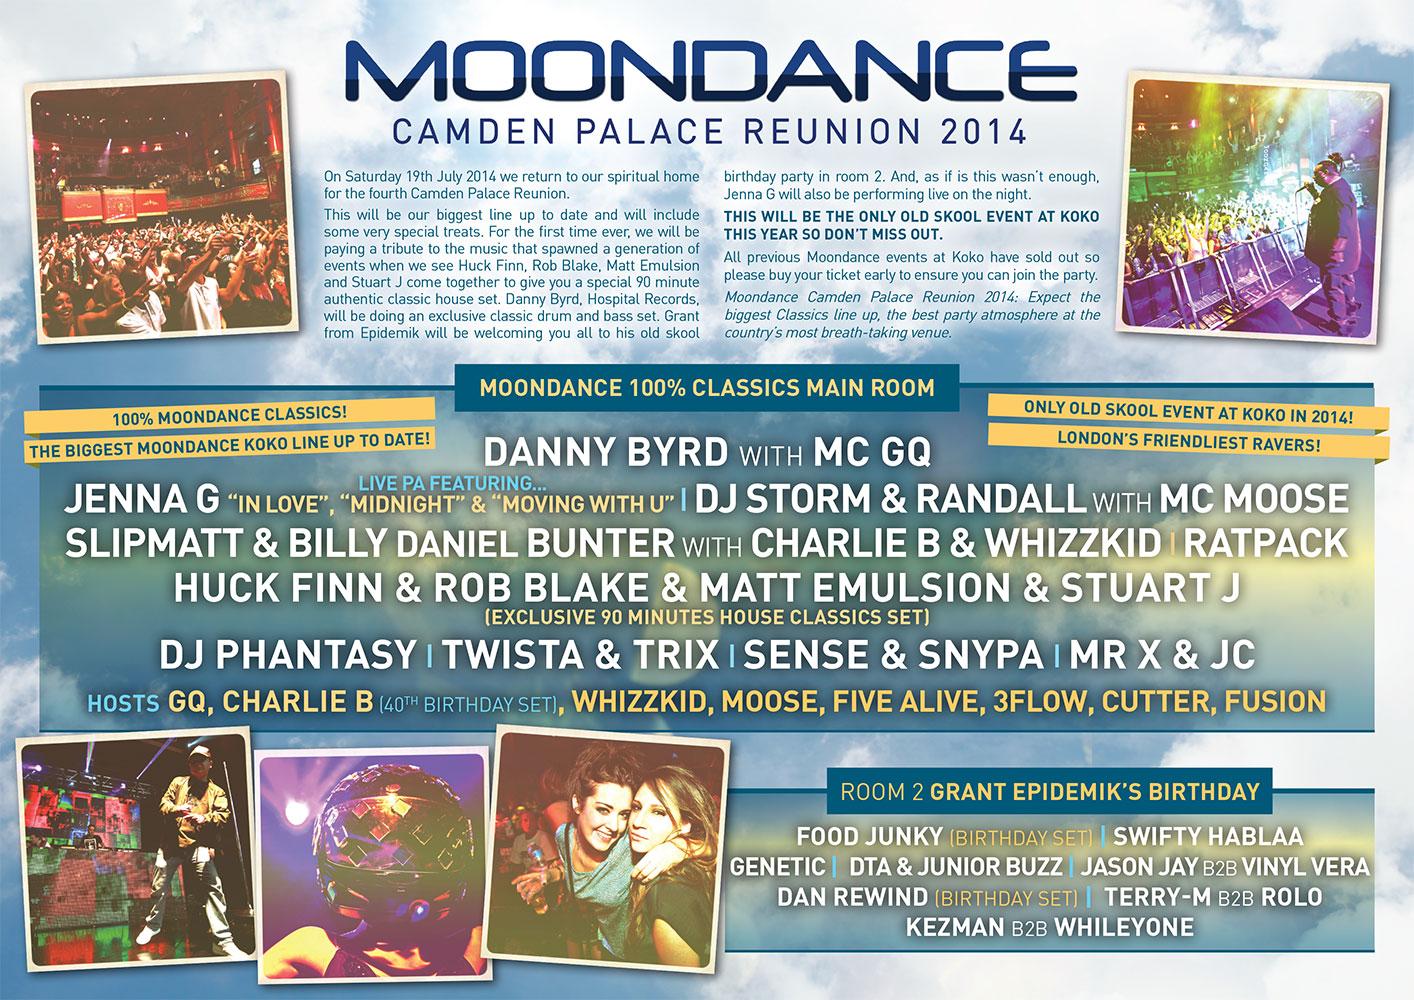 MOONDANCE CAMDEN PALACE REUNION 2014